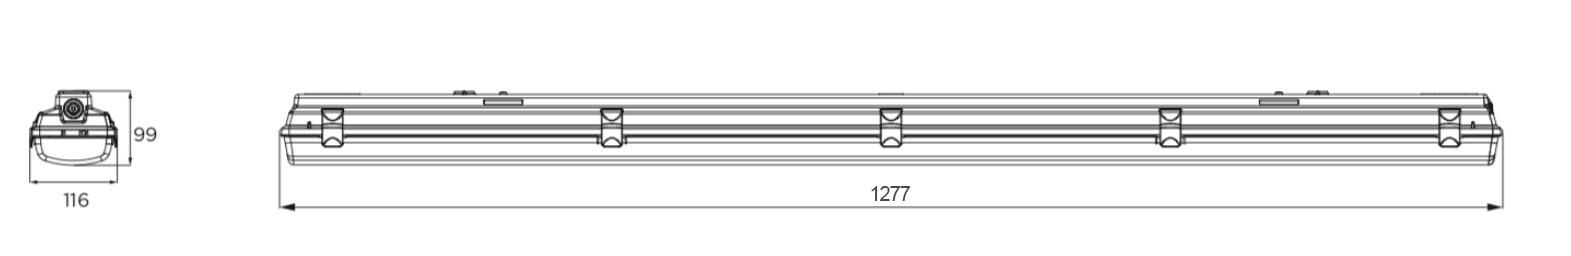 Priemyselné svietidlá ARLI IP 65